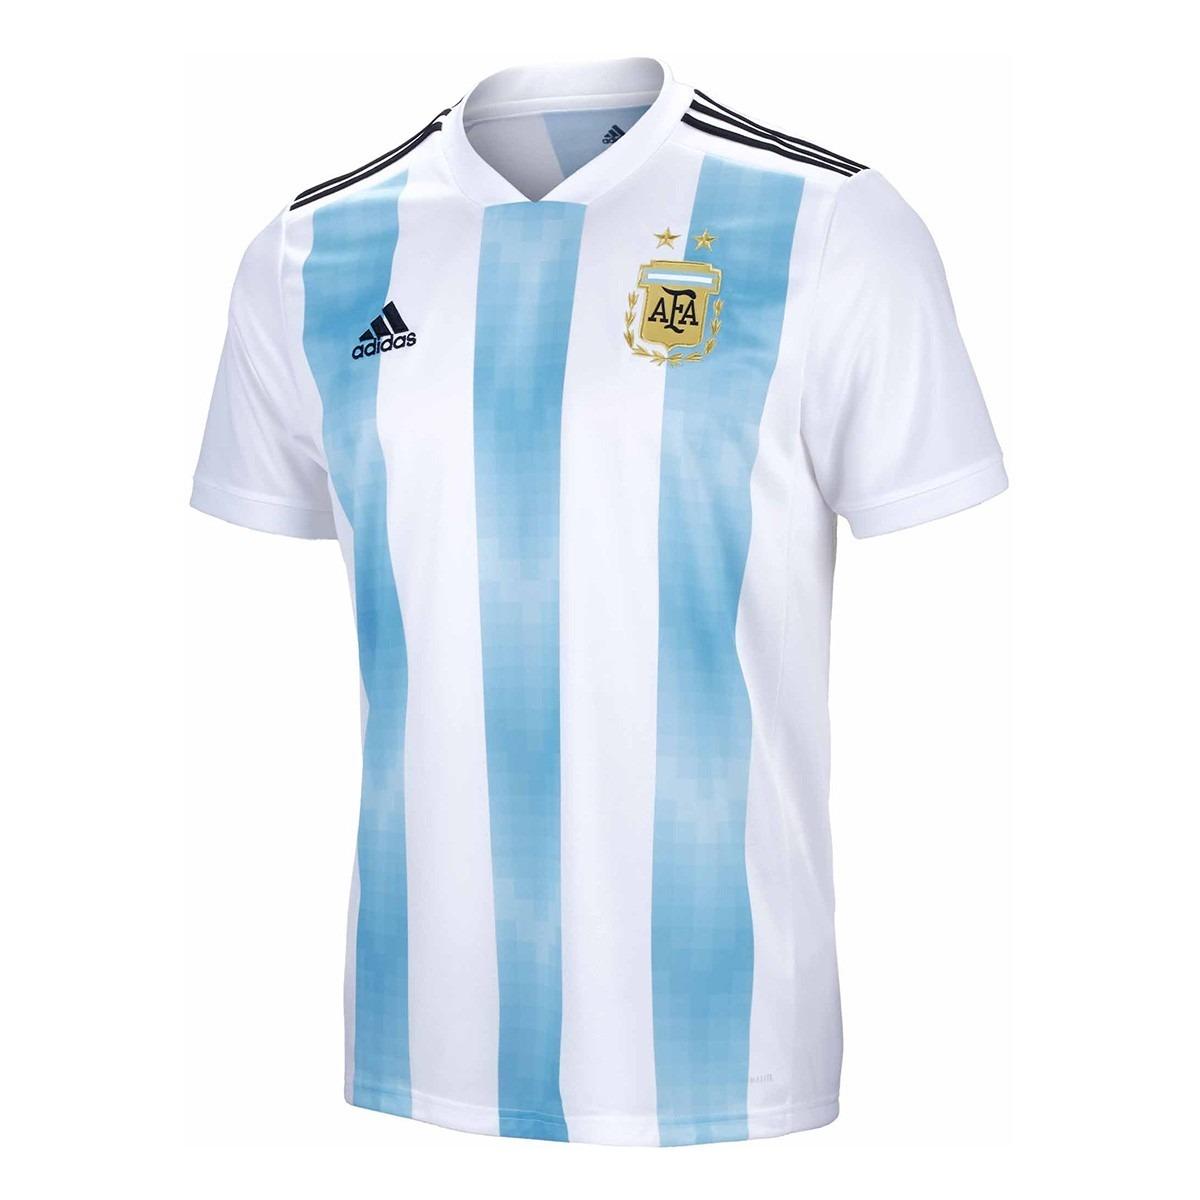 Características. Marca Adidas  Equipo Argentina  Tipo de camiseta Titular   Tipo de ocasión Partido  Temporada 2018 ... ab28079f98a16